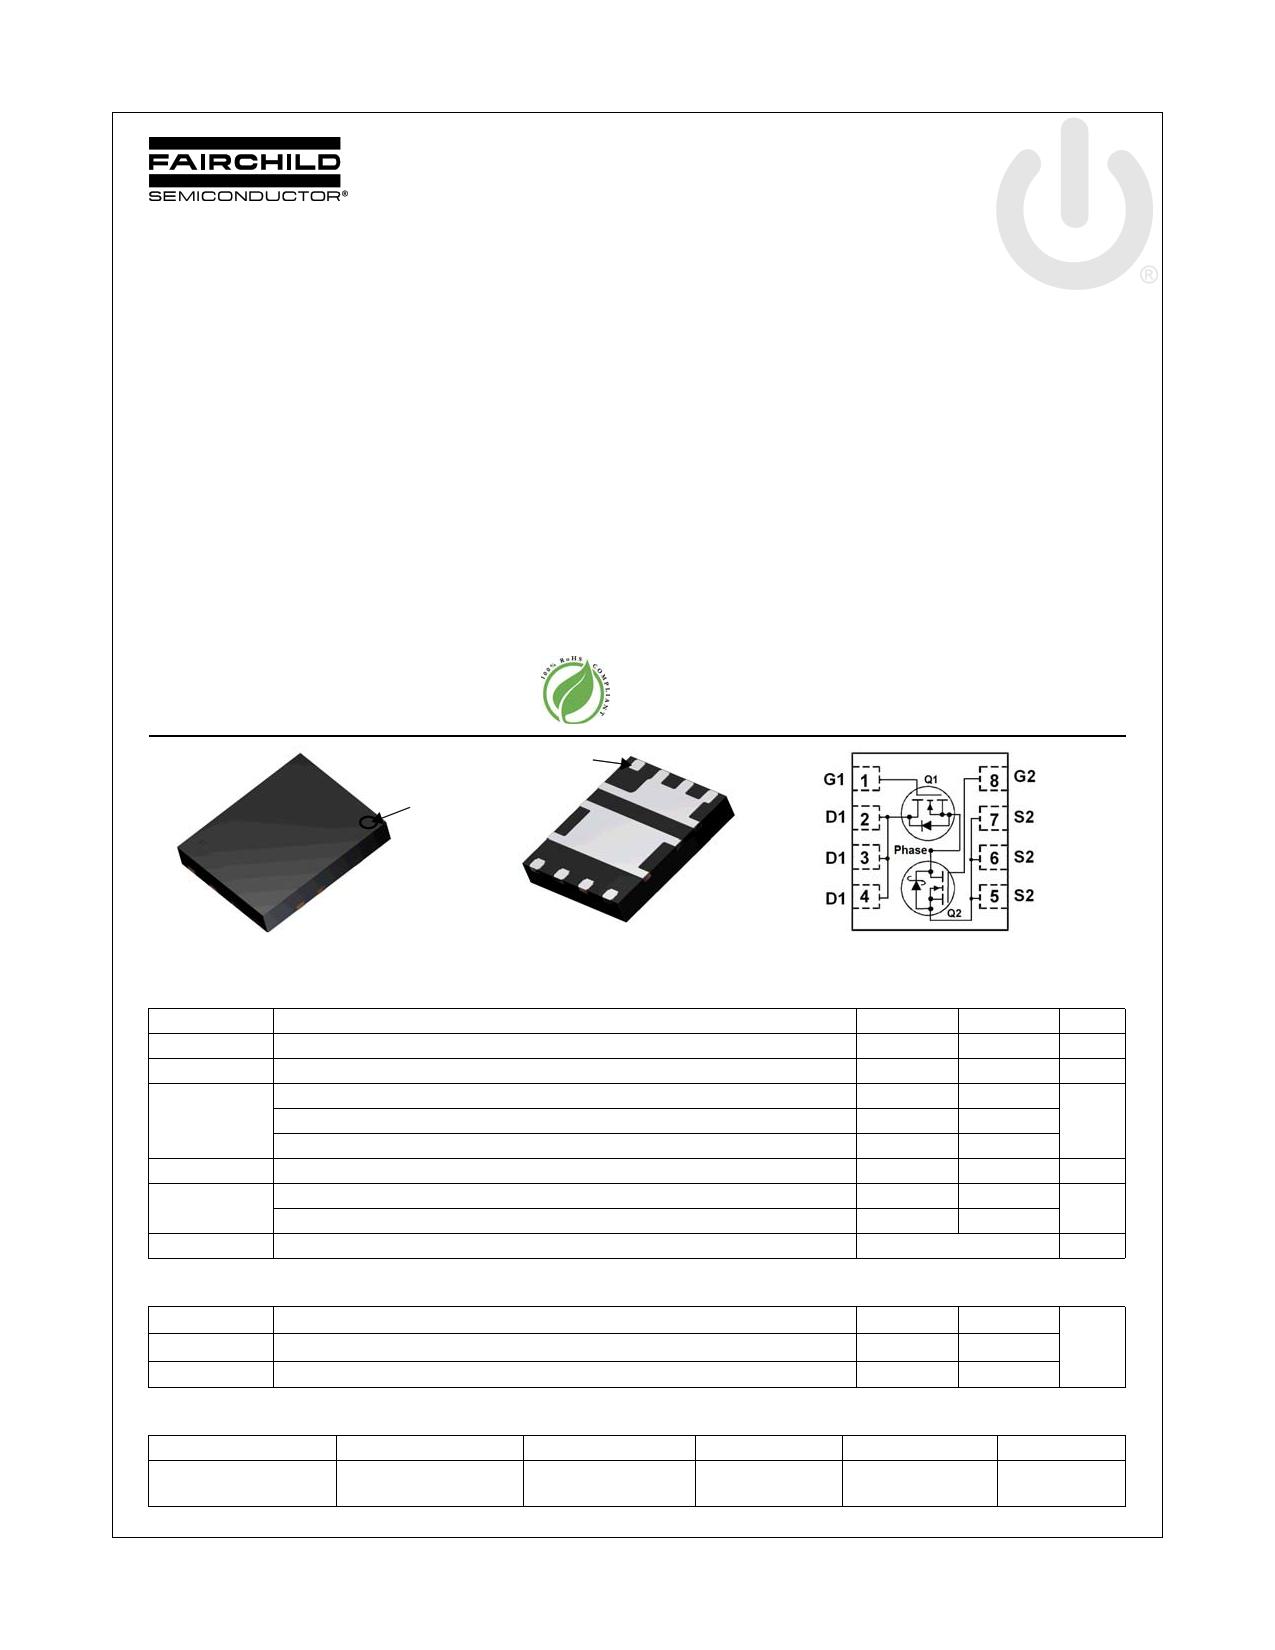 FDMS3610S 데이터시트 및 FDMS3610S PDF